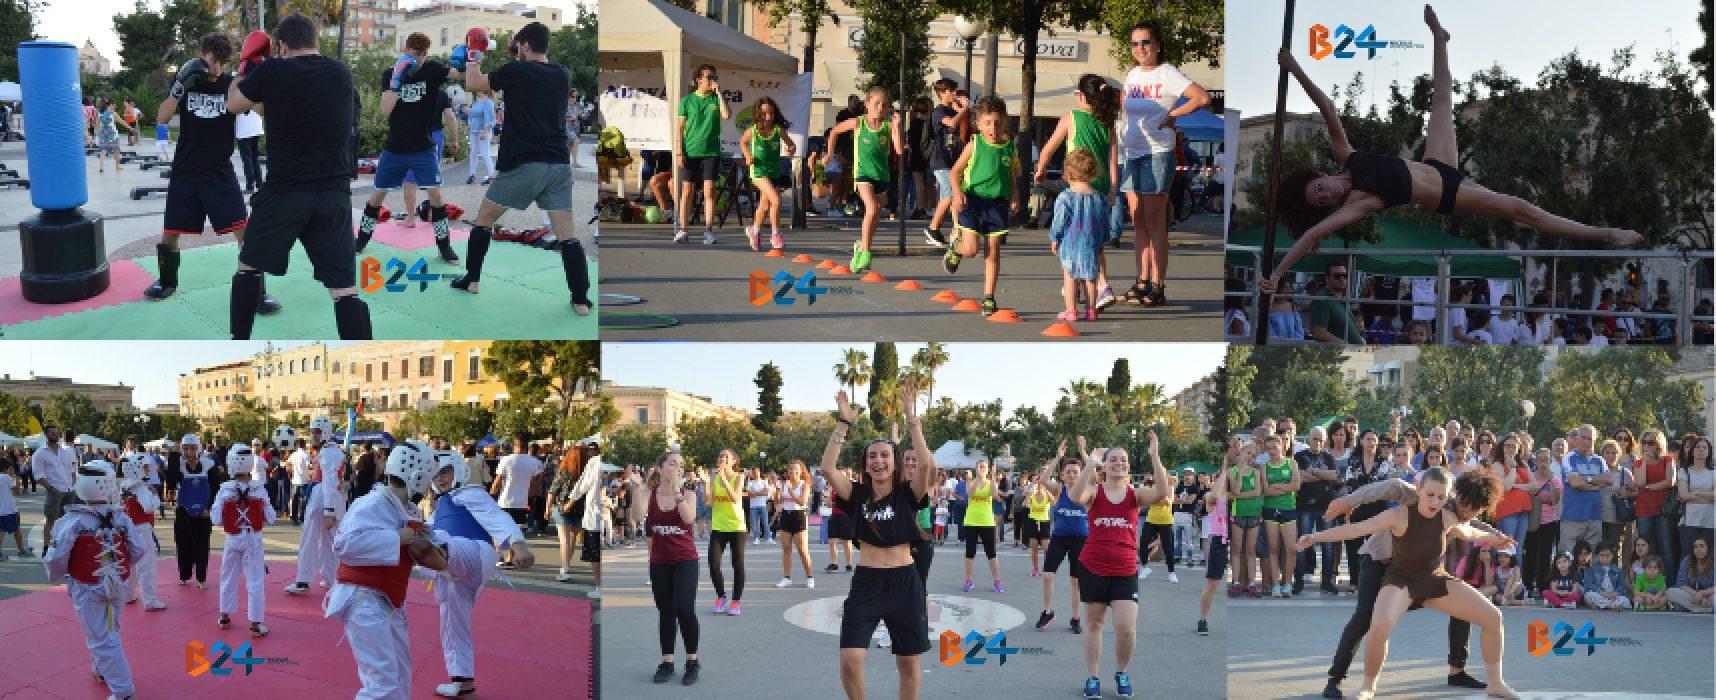 Domani in piazza Vittorio Emanuele l'edizione 2018 della Festa dello Sport